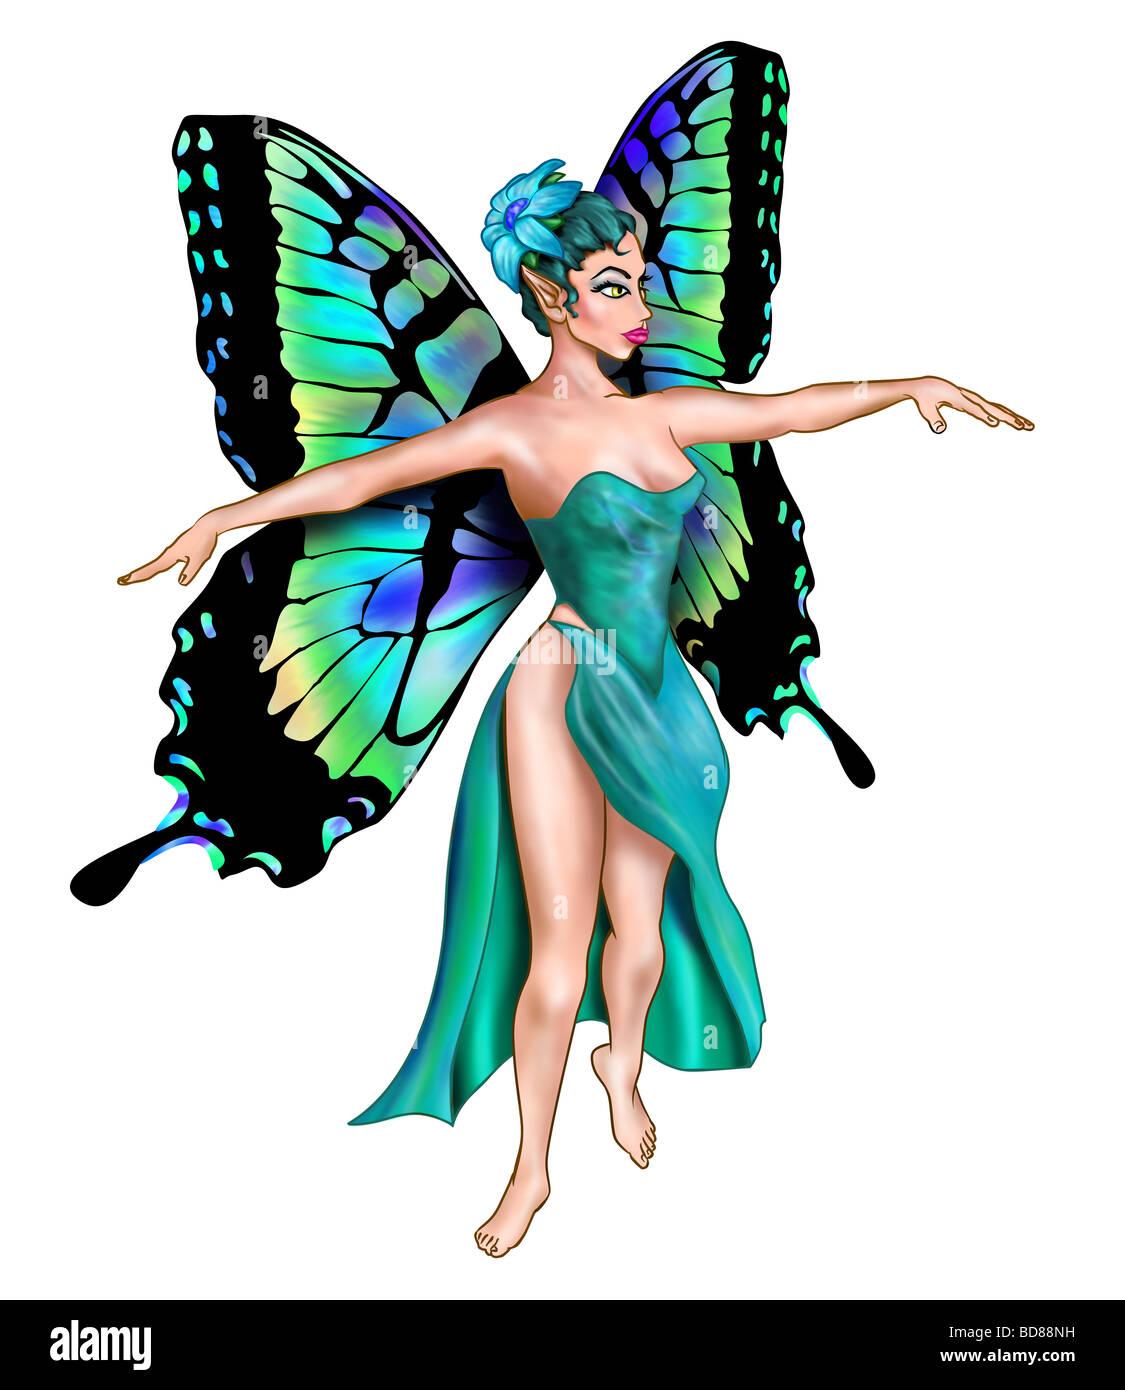 Illustration d'une isolé danseuse fée turquoise Photo Stock